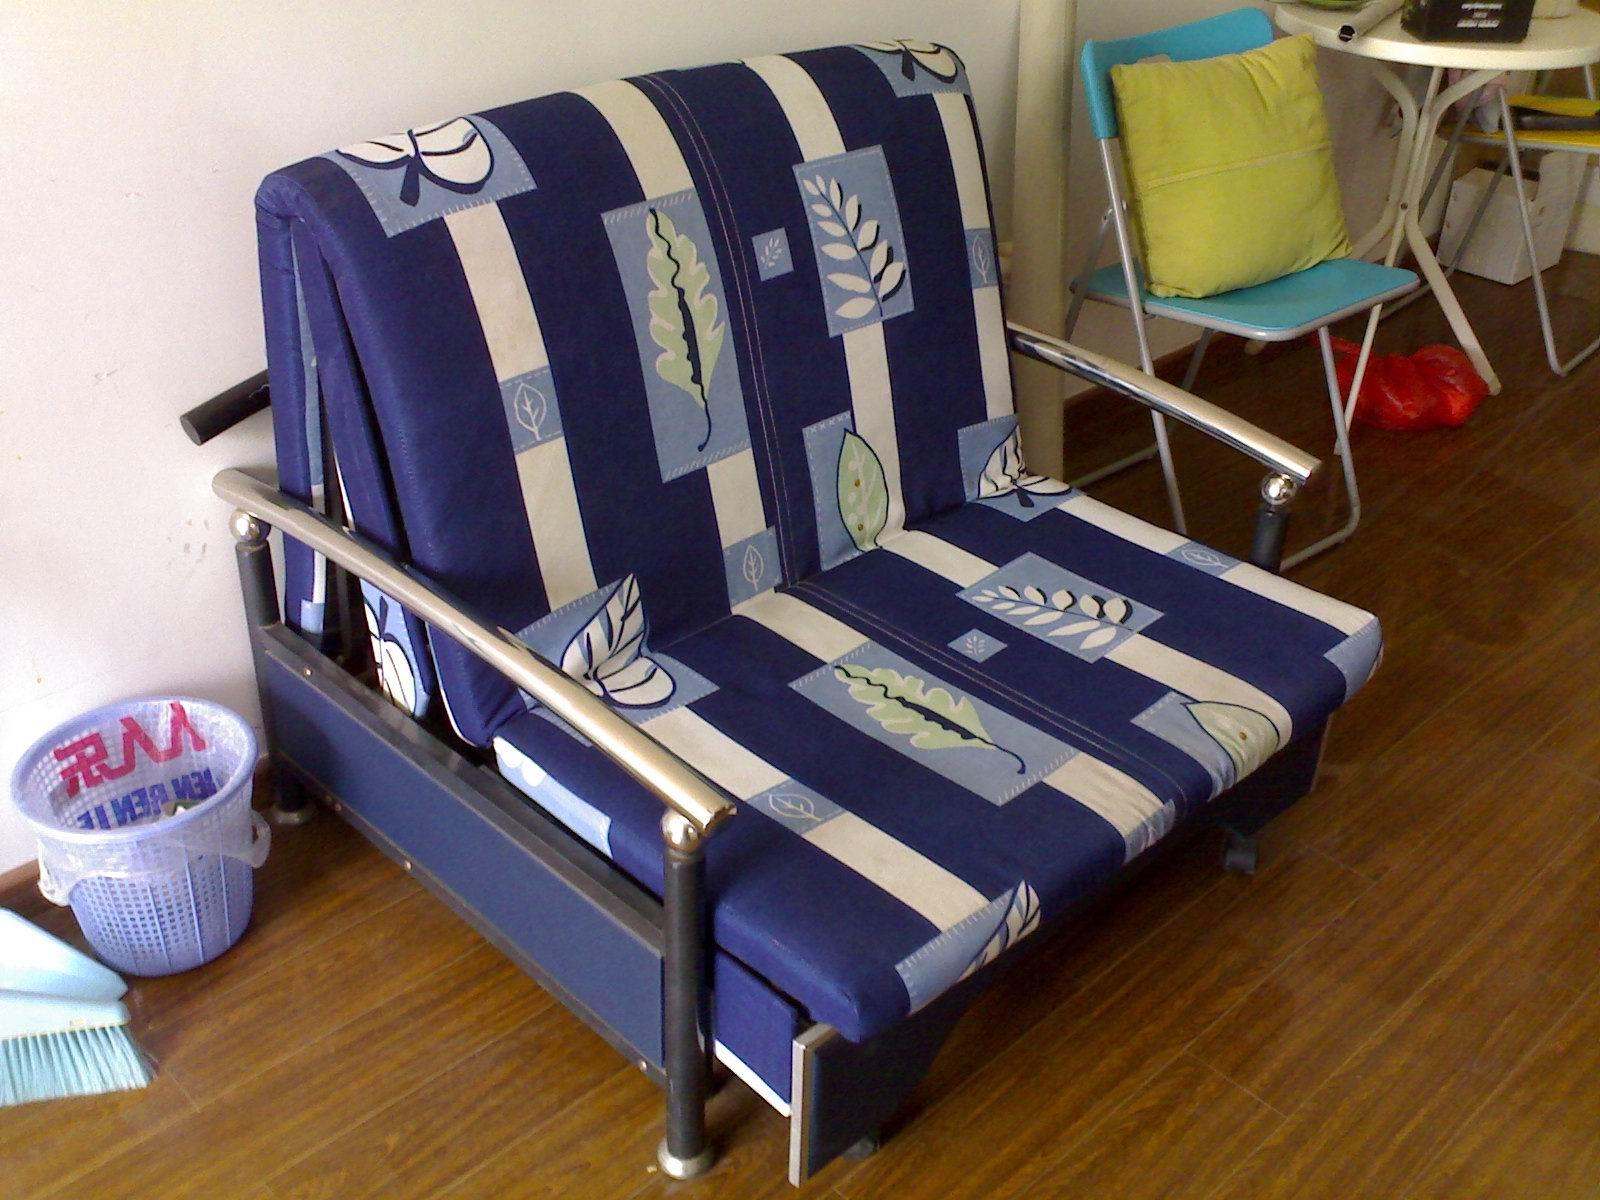 一般单人沙发床尺寸 单人沙发床款式